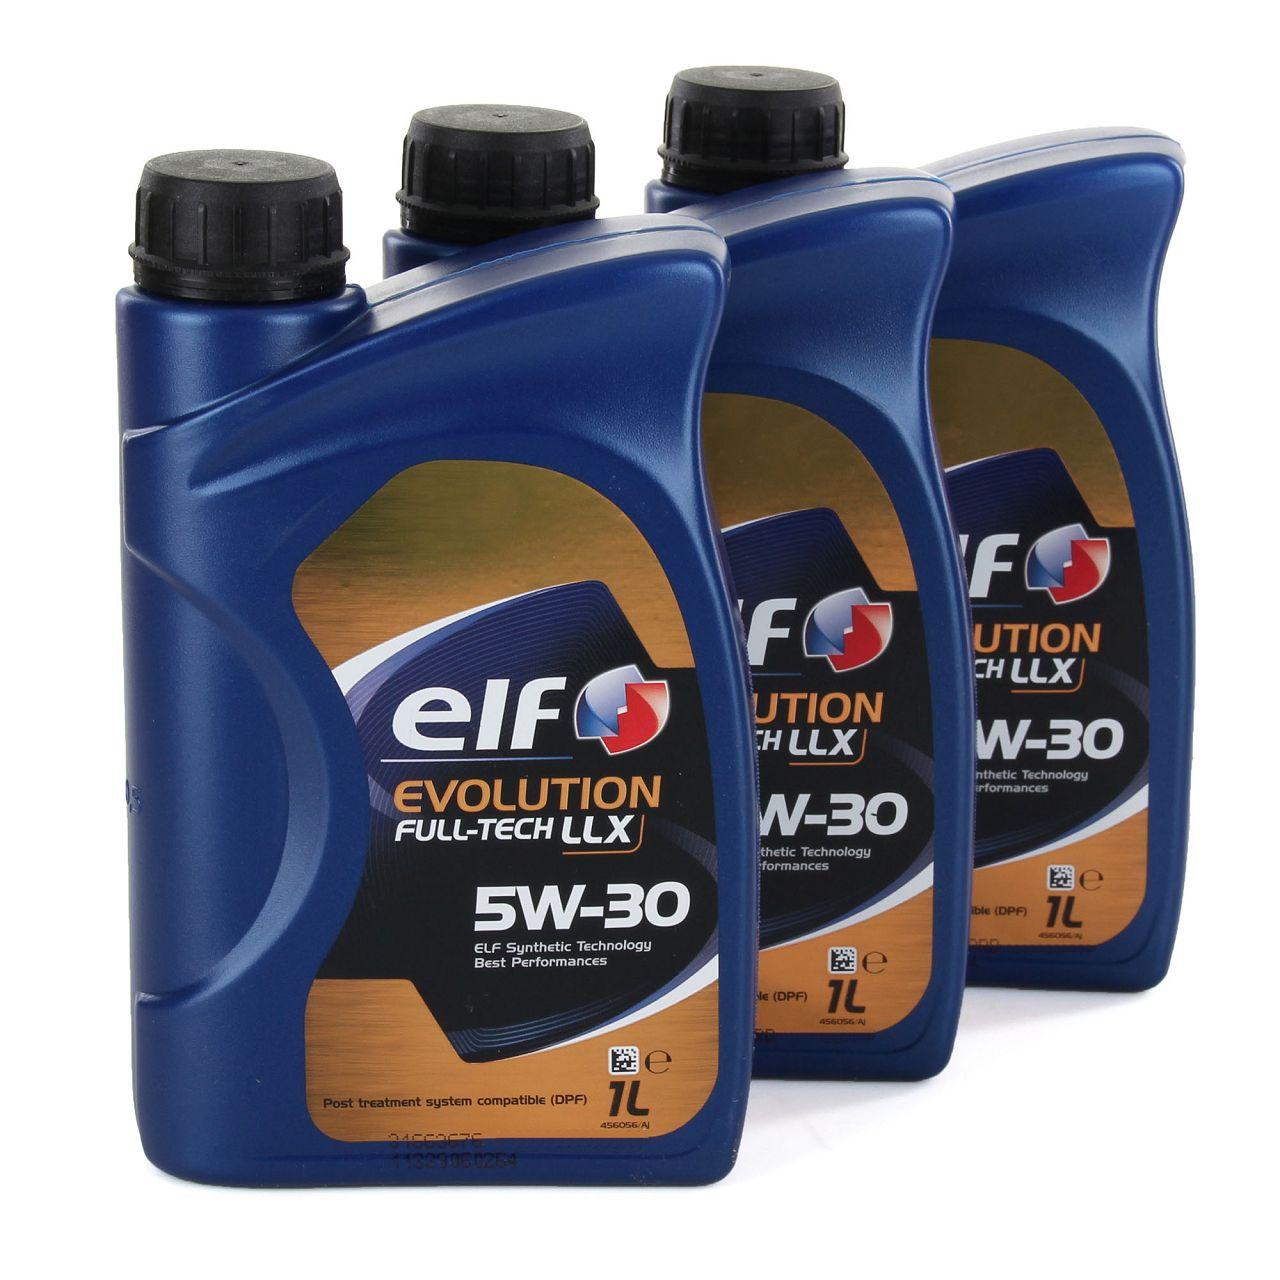 3x 1L 1 Liter elf Evolution Full-Tech LLX 5W-30 Motoröl 504.00/507.00 MB 226.51